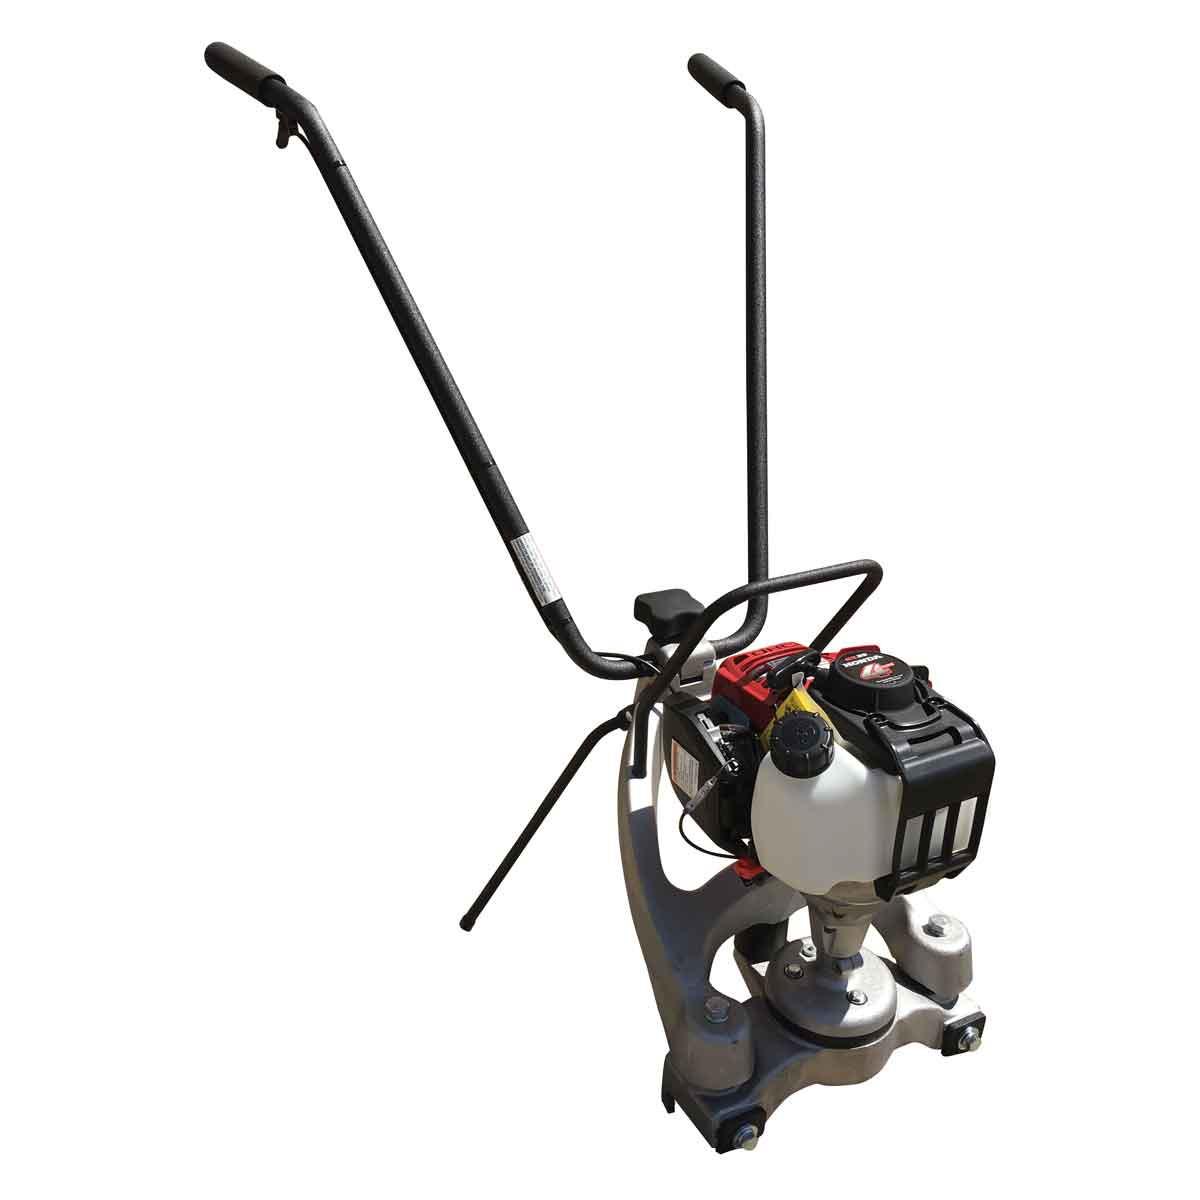 MBW ScreeDemon Honda GX35 gas